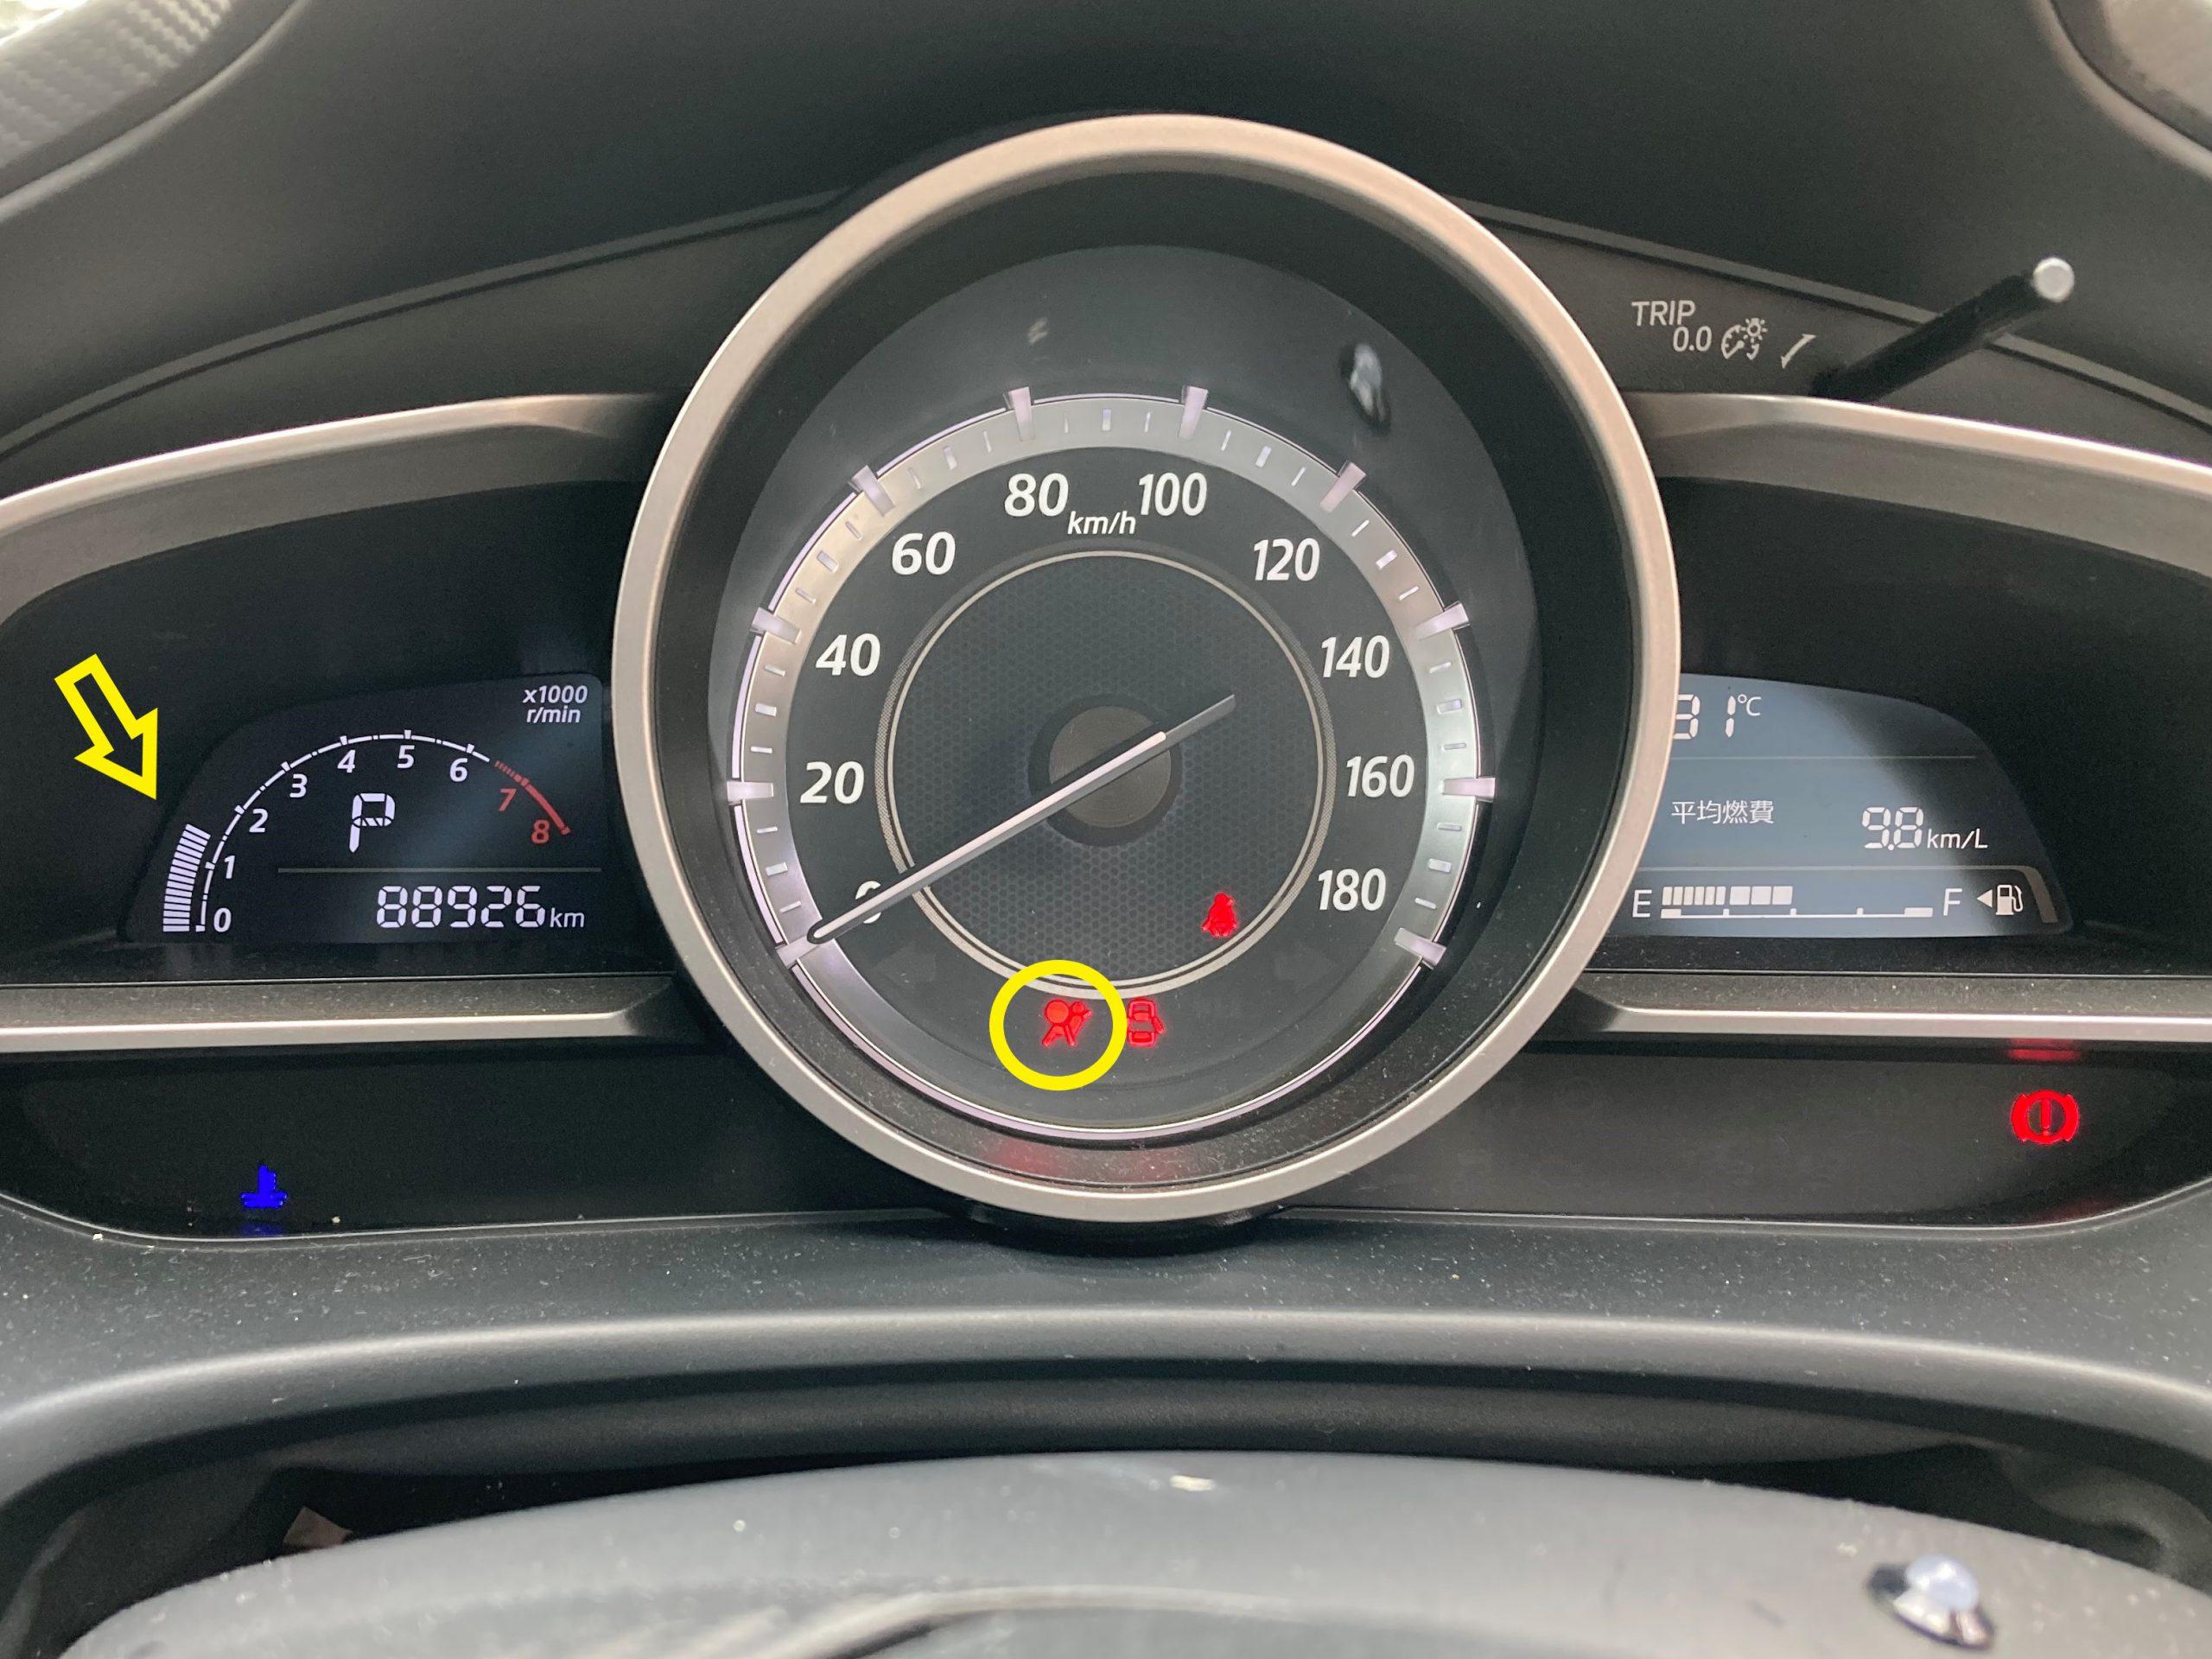 エンジン始動した状態でエアバック警告灯が点灯している(黄色の丸印部分)